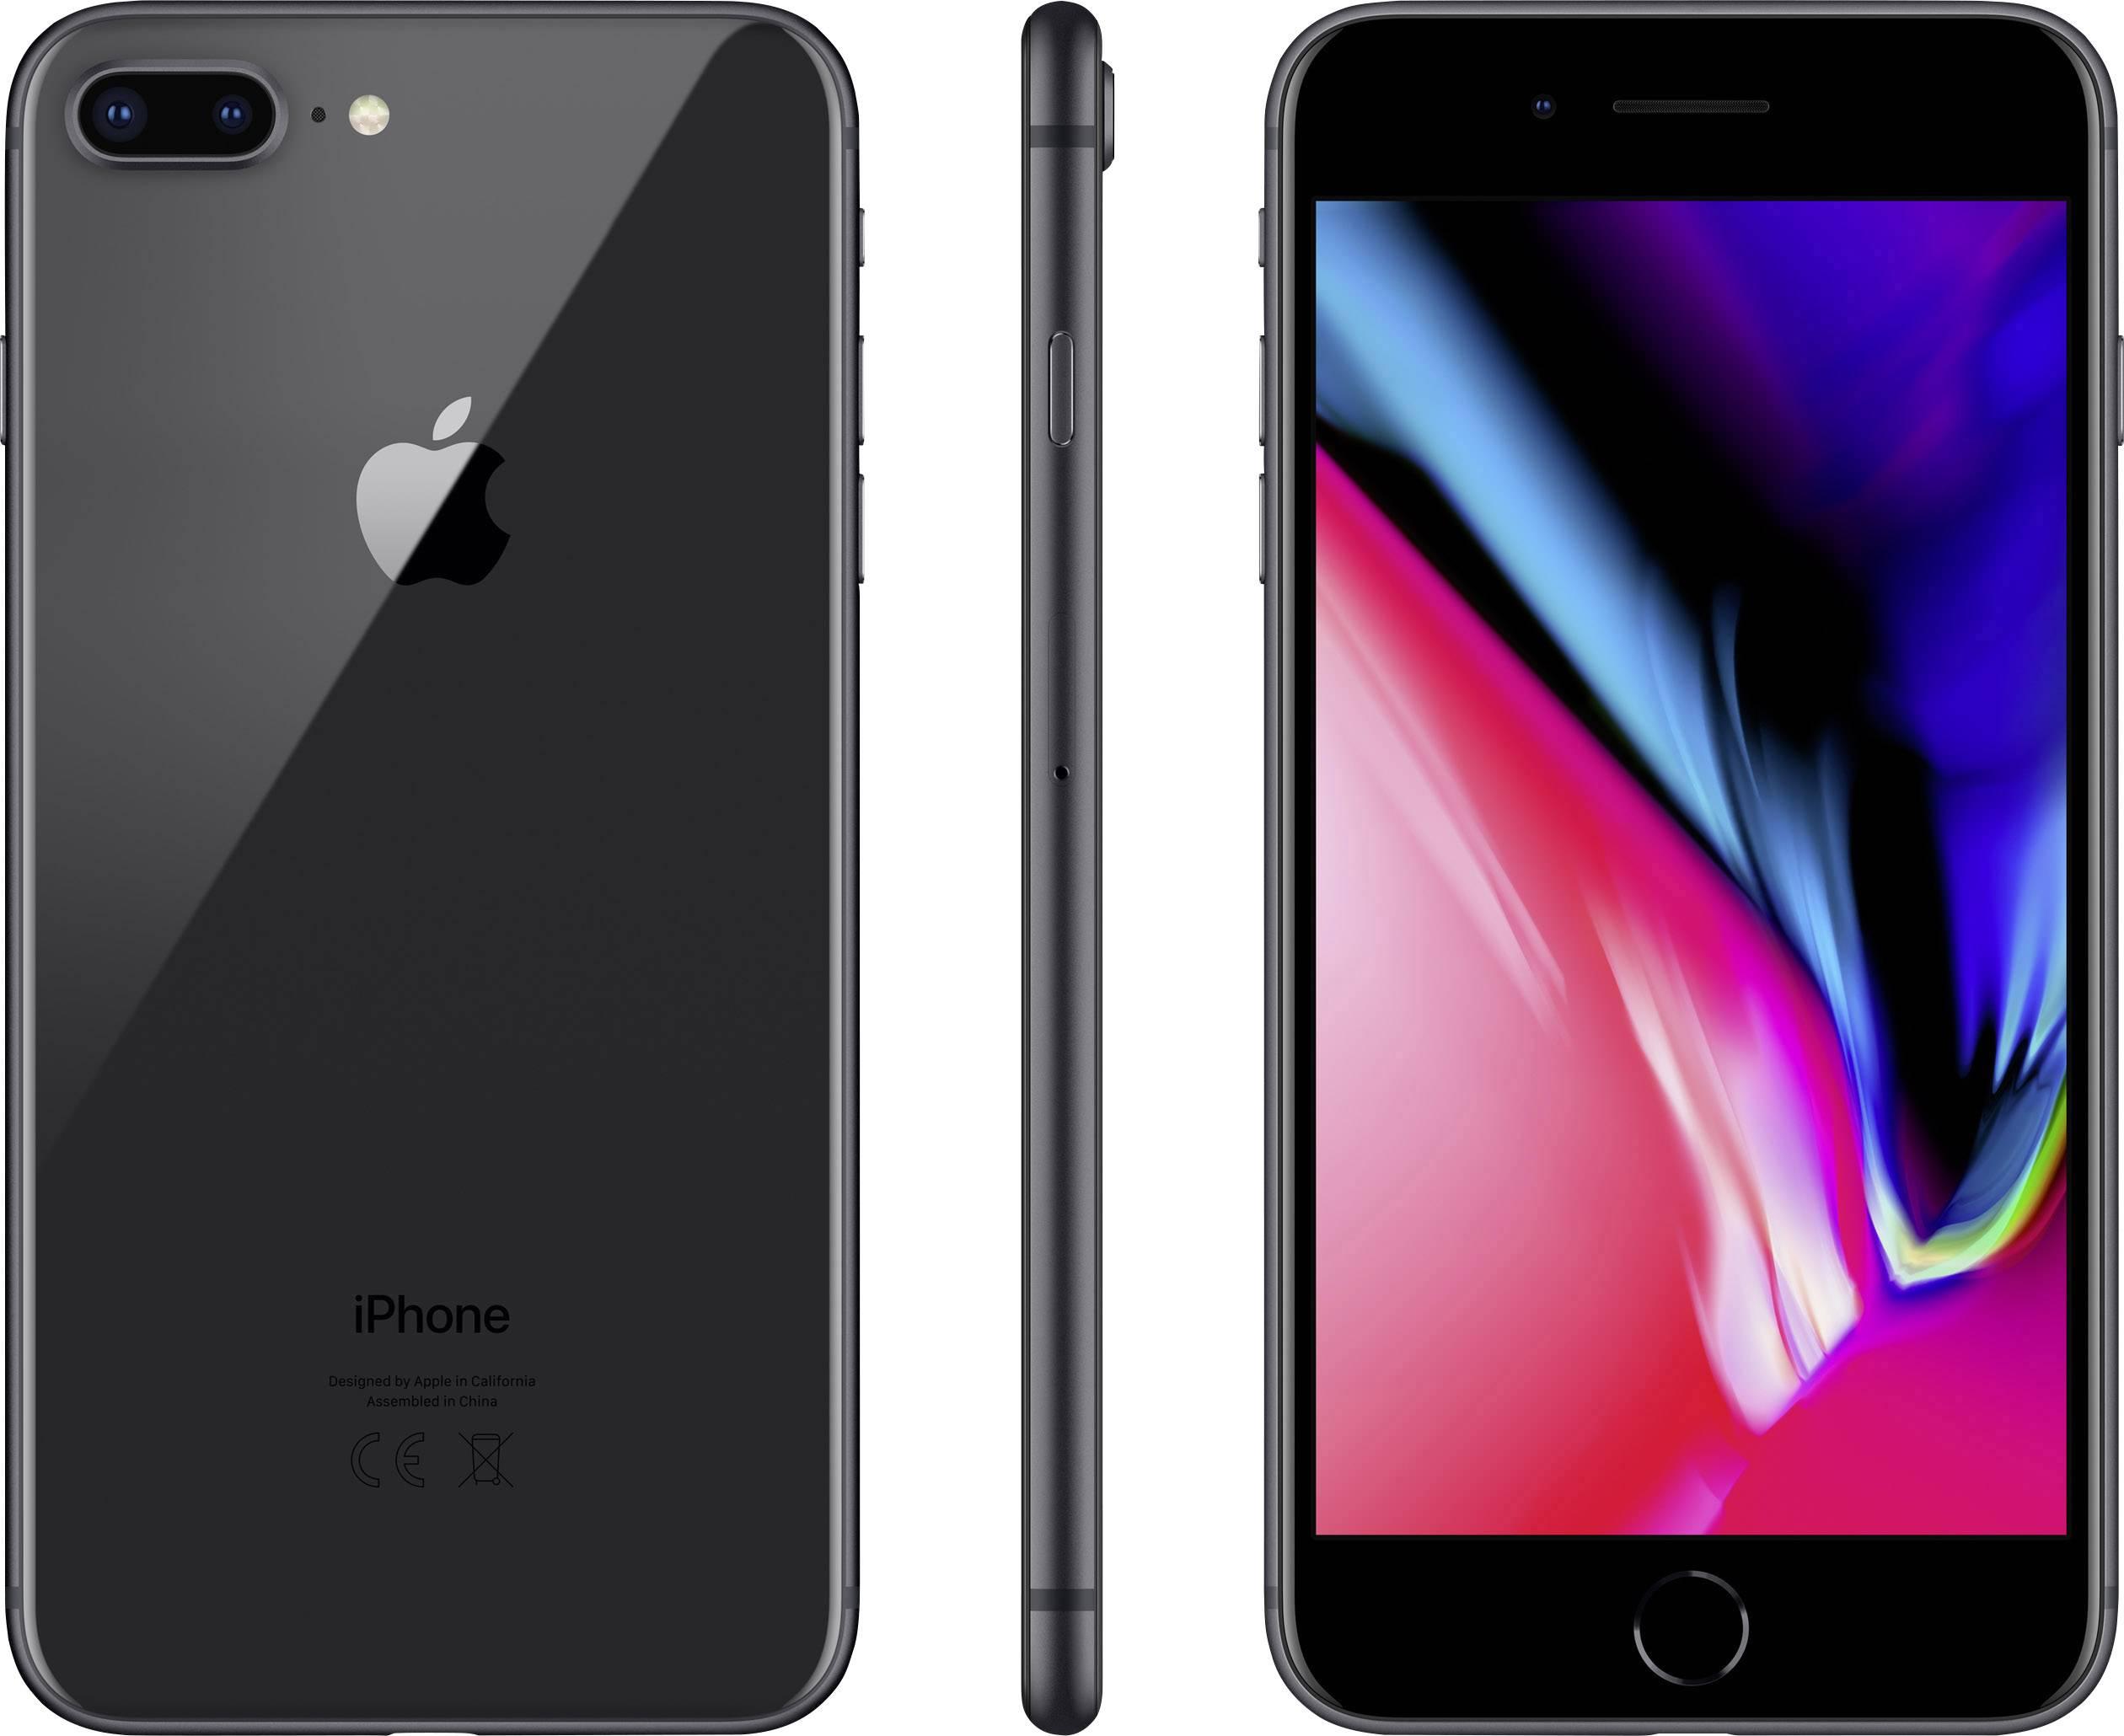 Apple iPhone 8 Plus iPhone 128 GB 5.5 pollici (14 cm) SIM singola iOS 13 Grigio Siderale